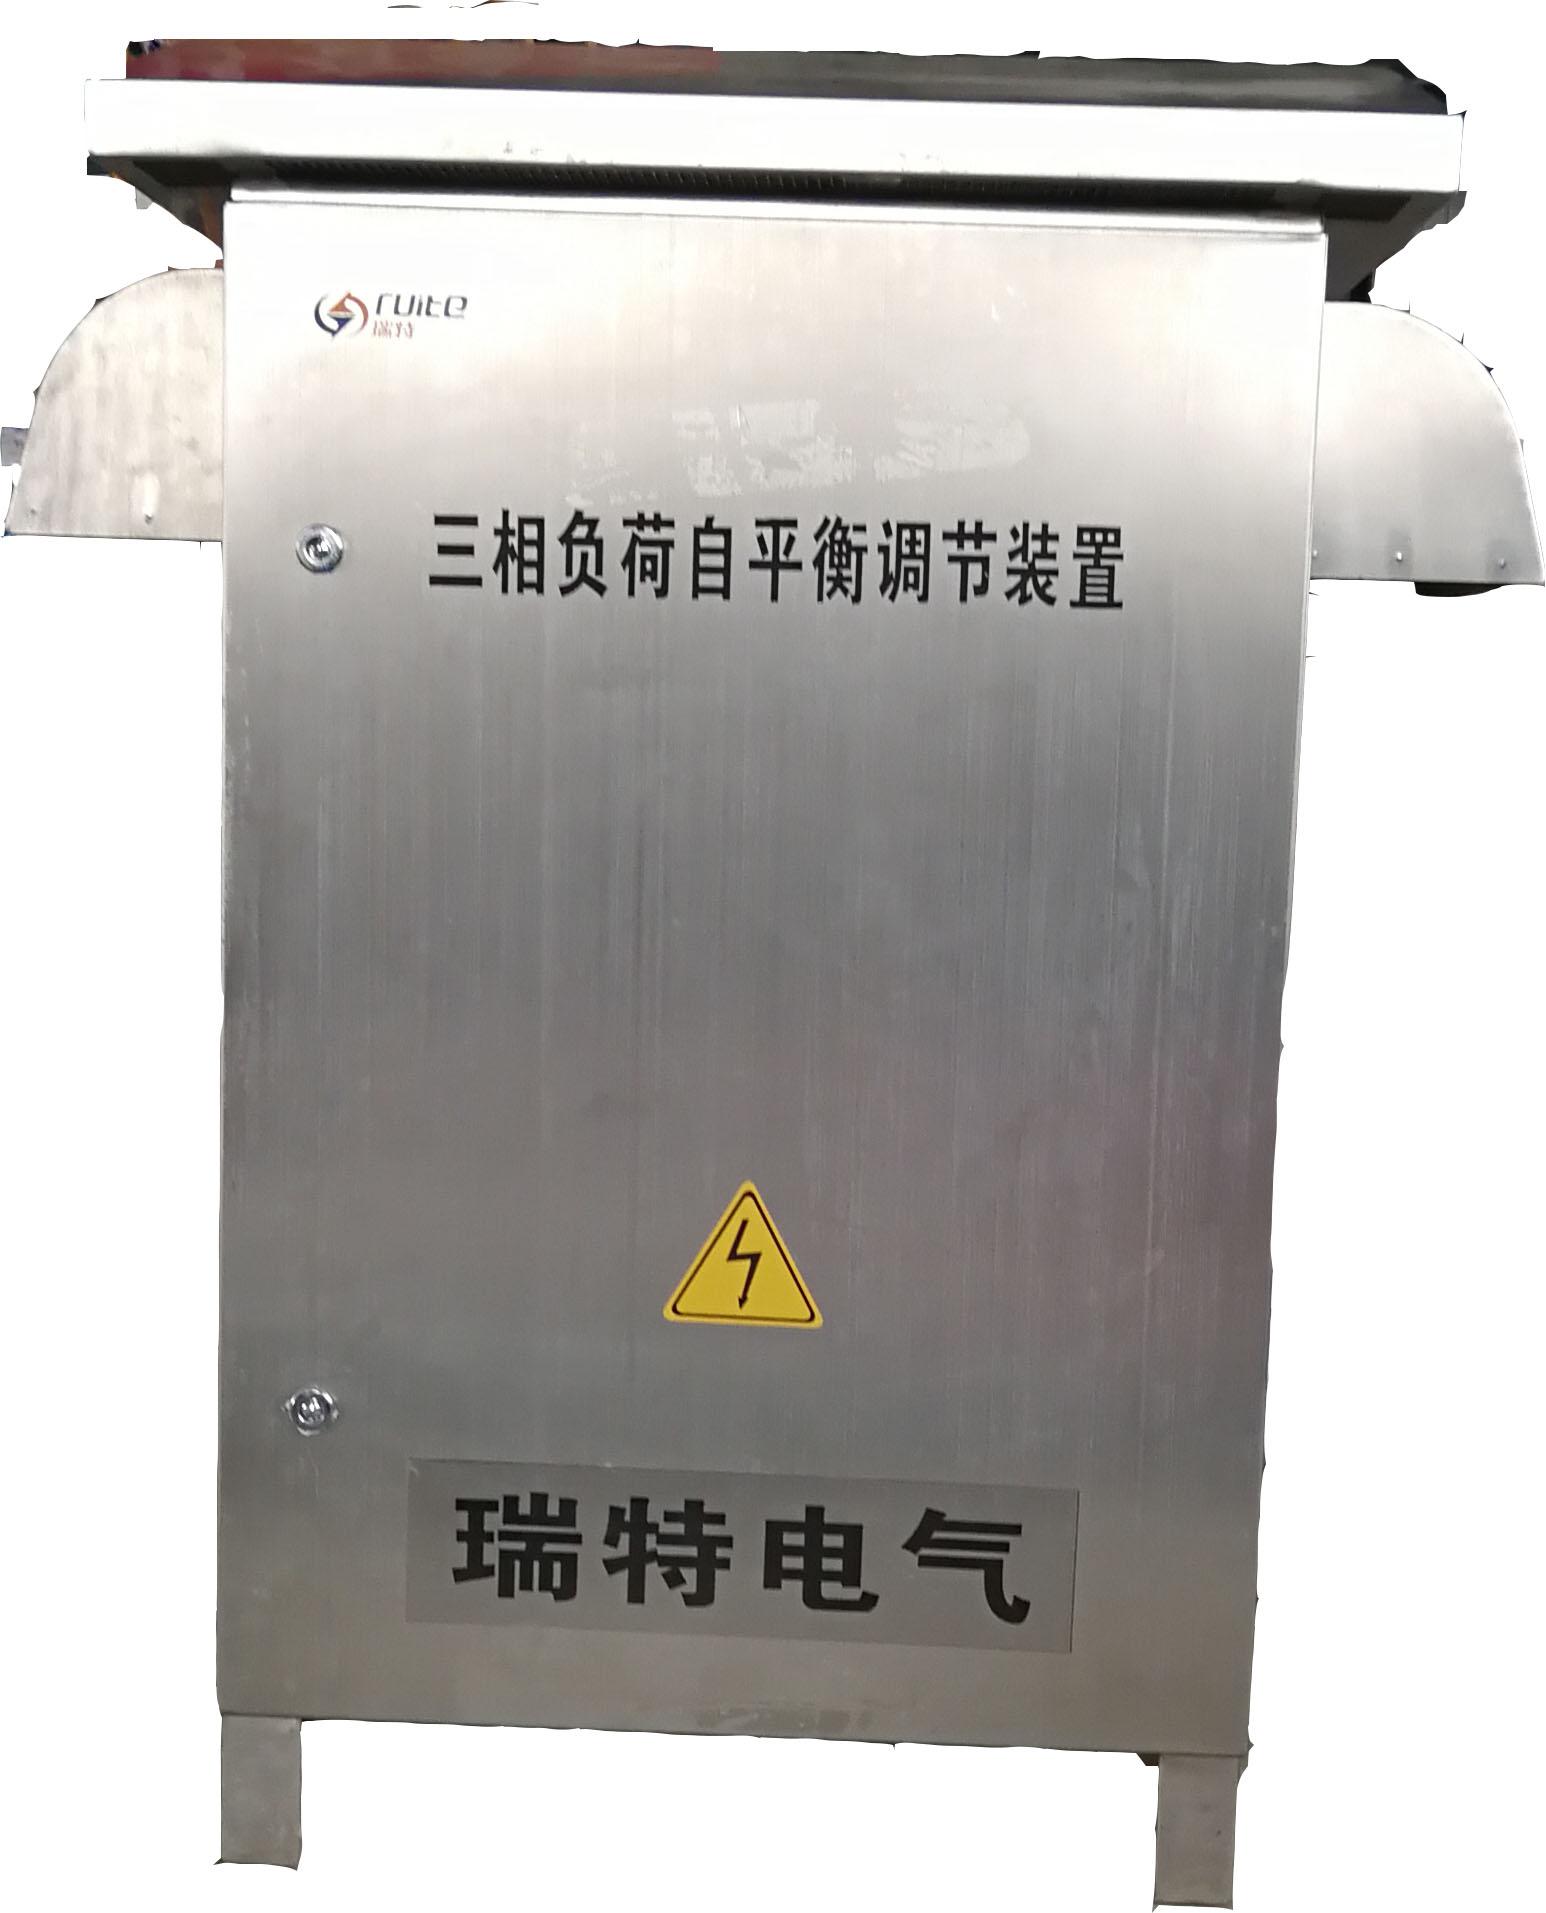 title='SVG三相负荷自平衡调节装置'